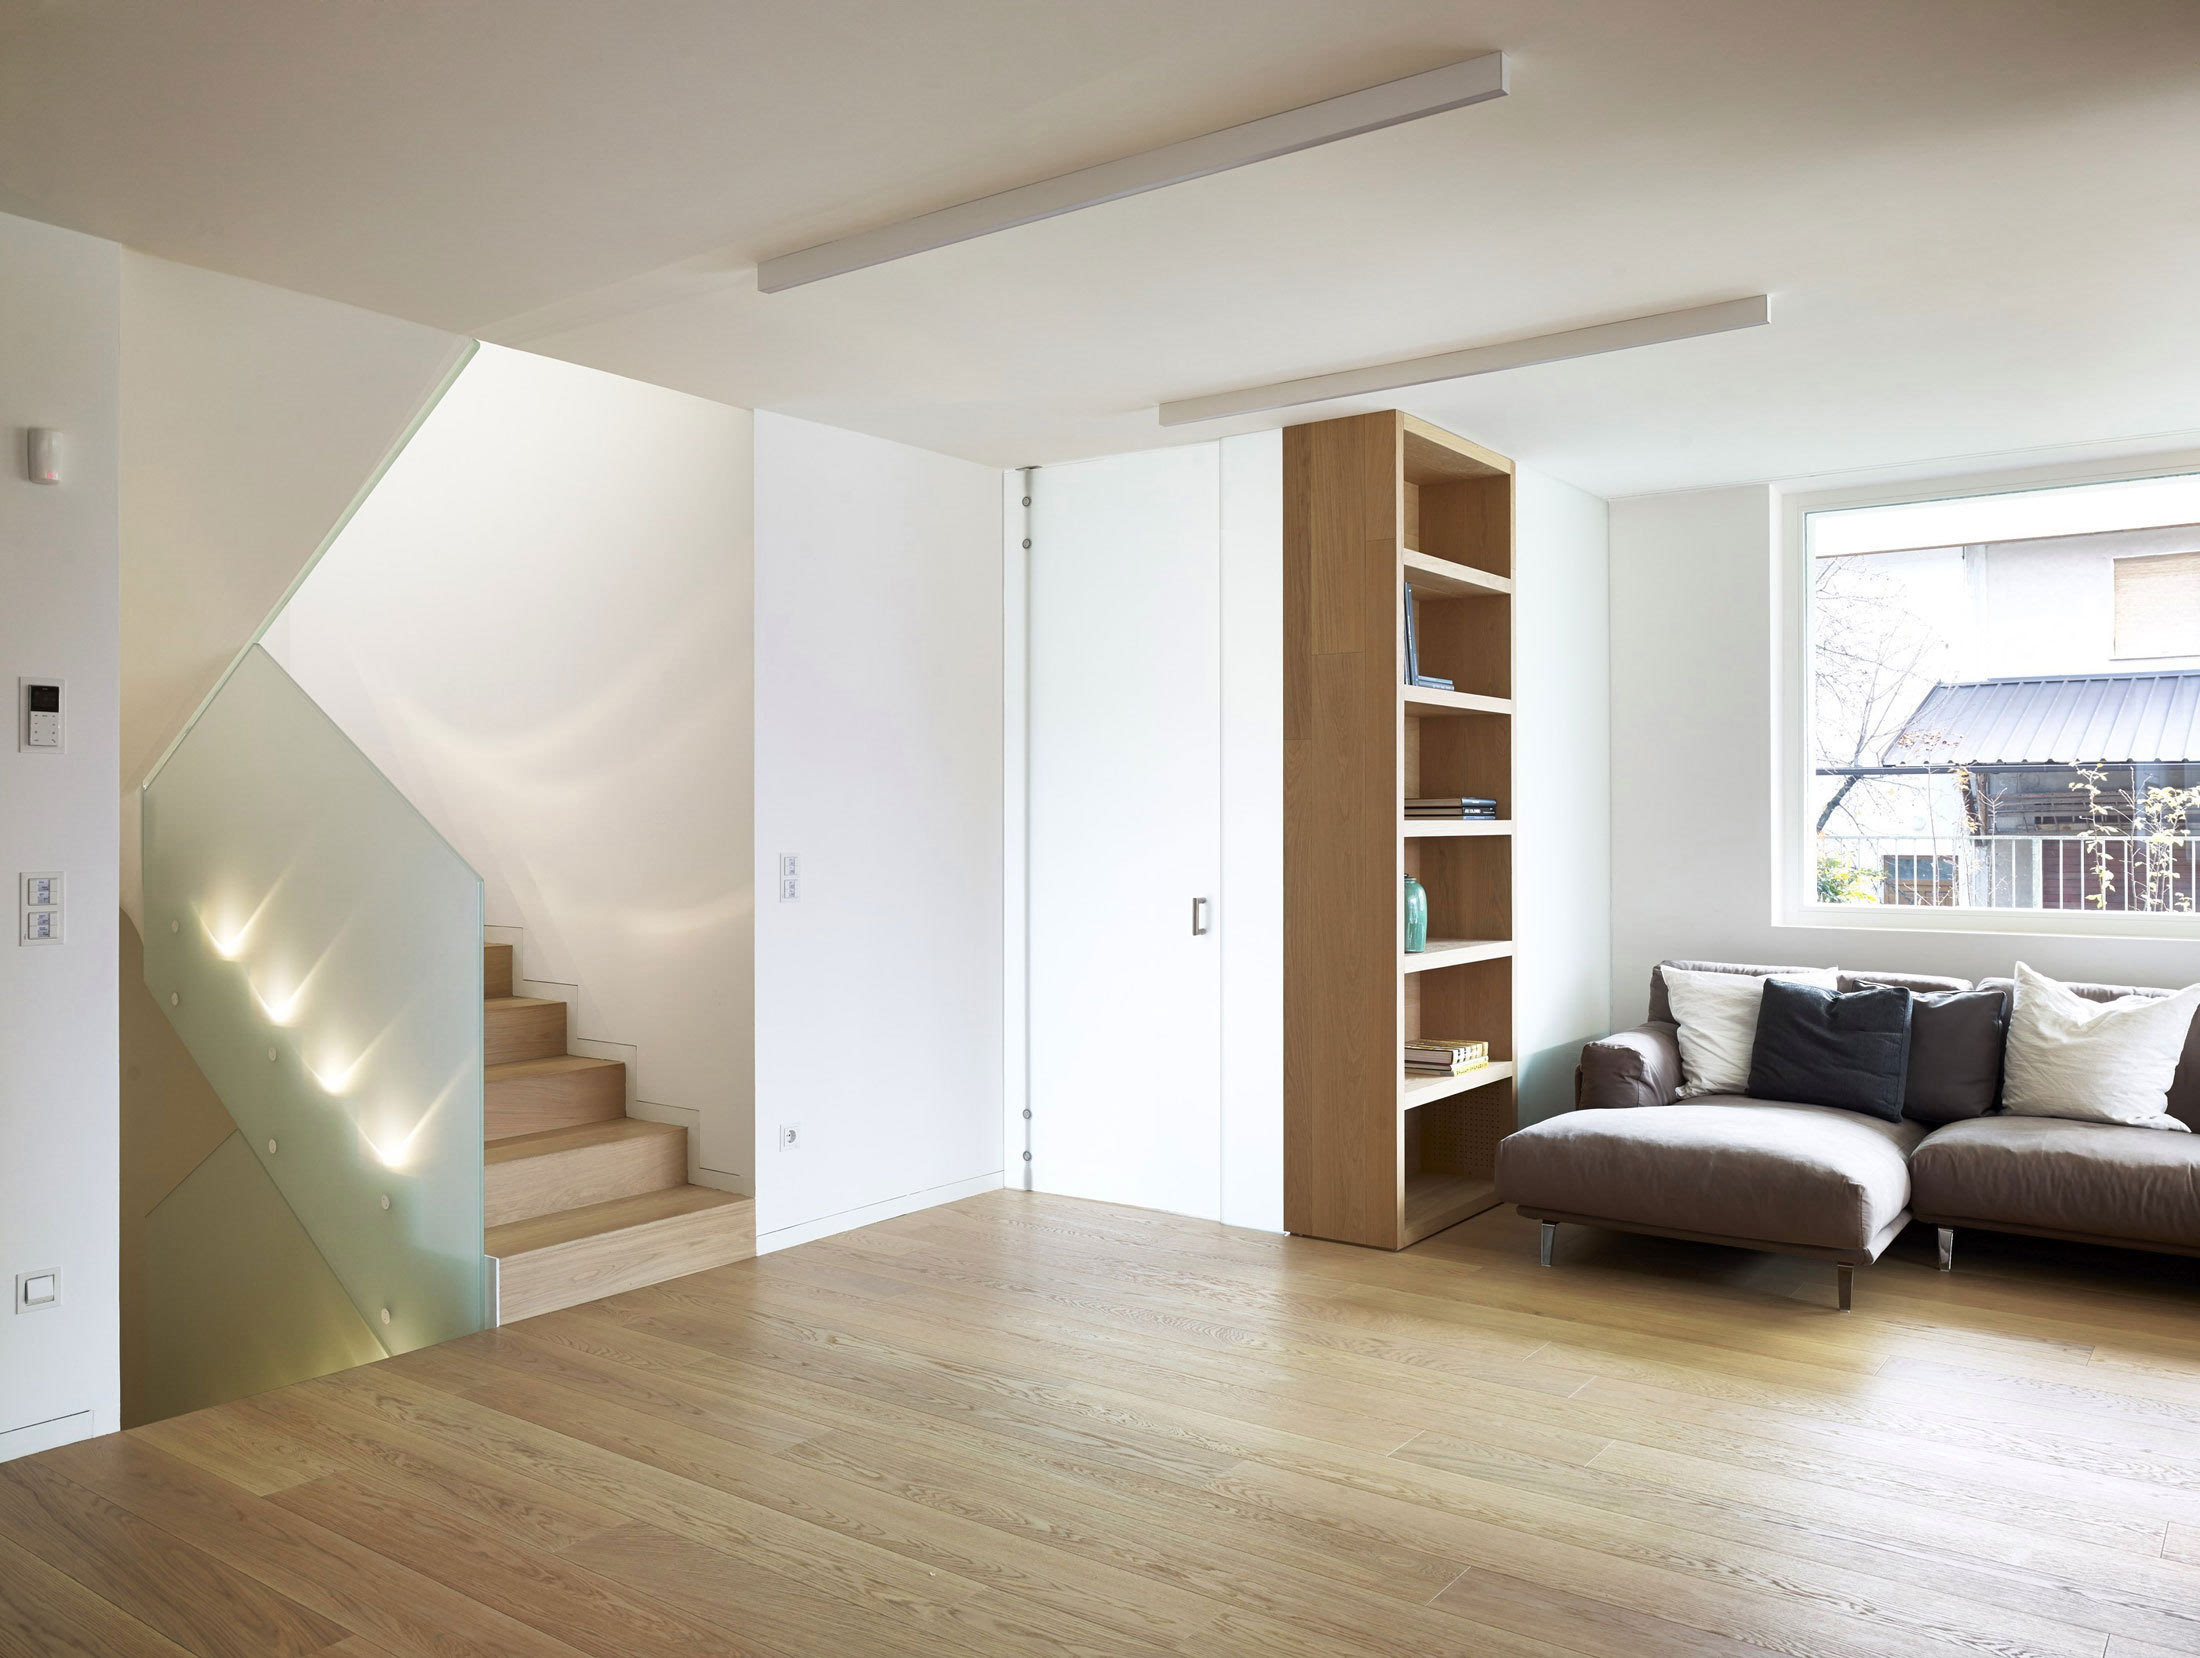 房屋设计室内效果图_阳光明媚的日子